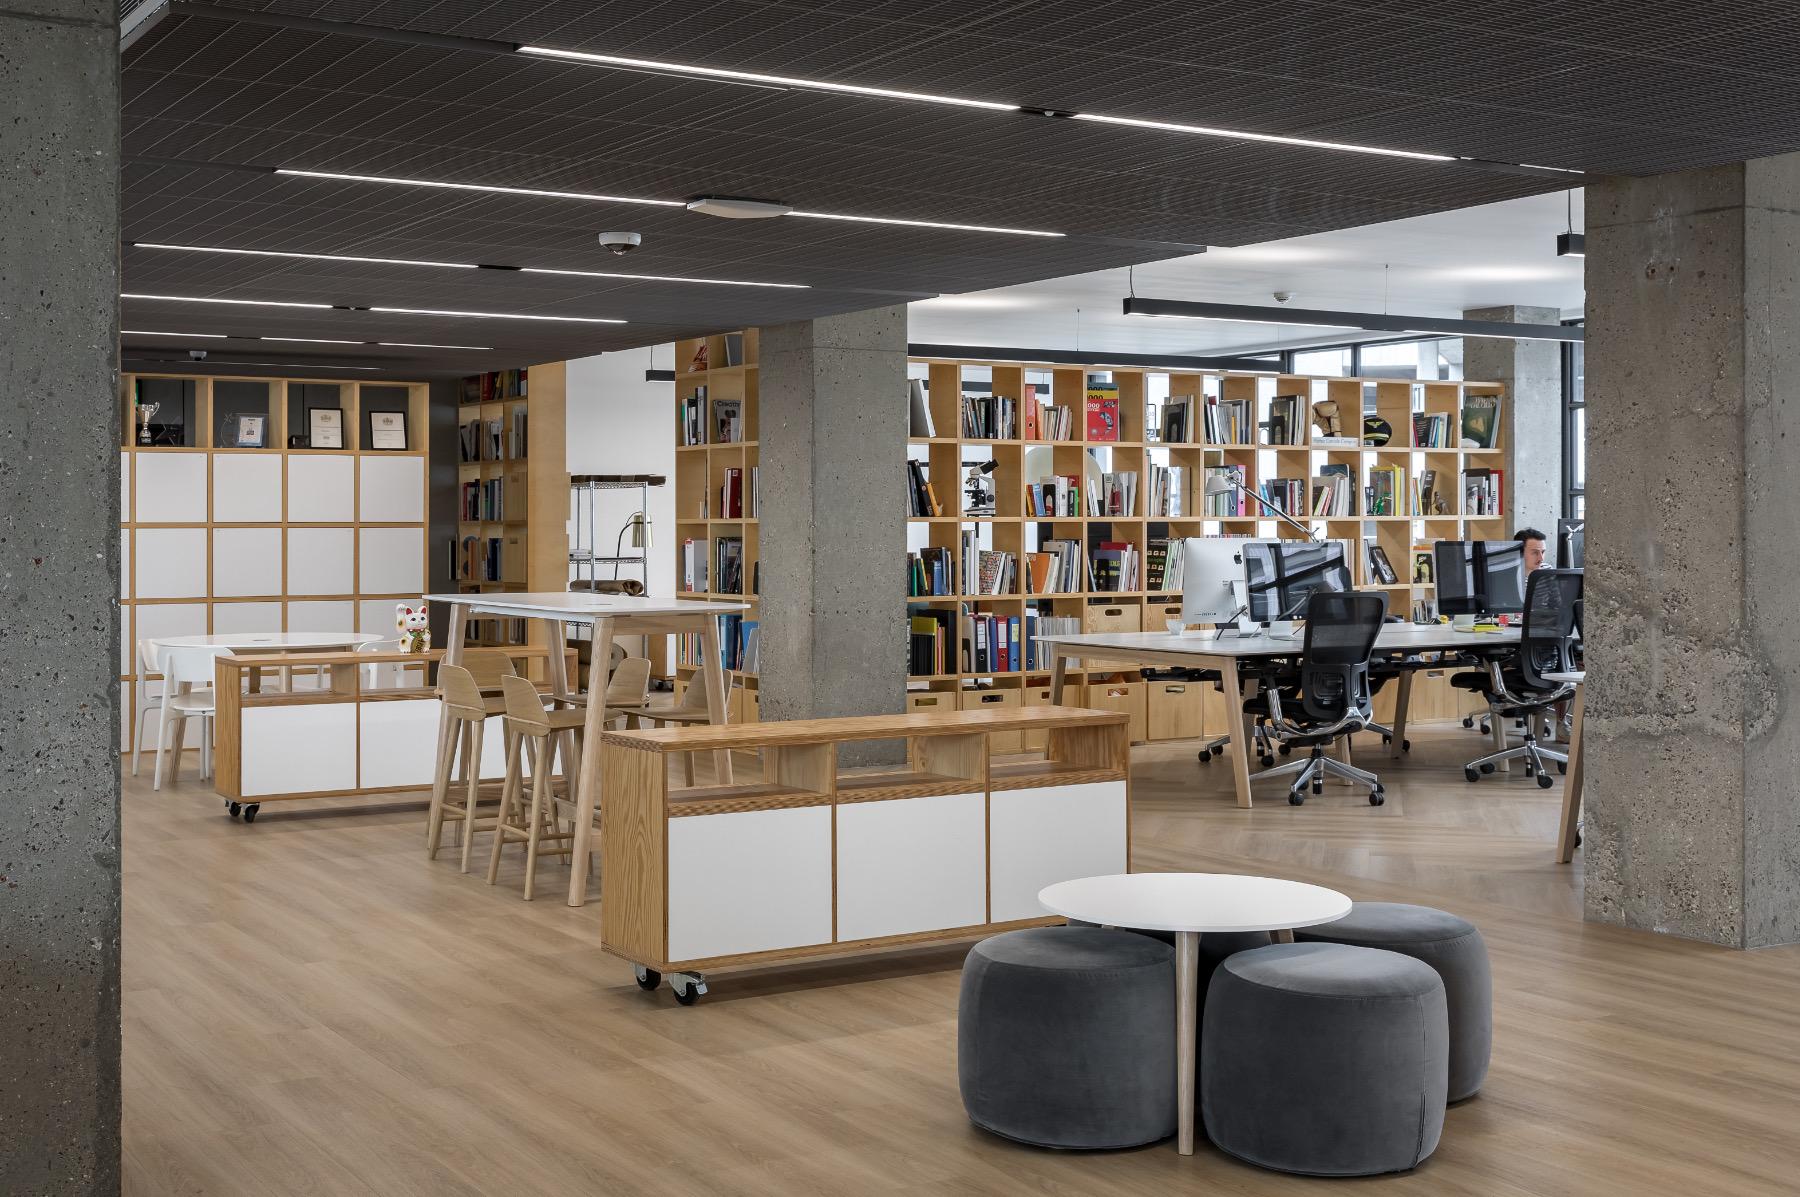 mccglc-london-office-11